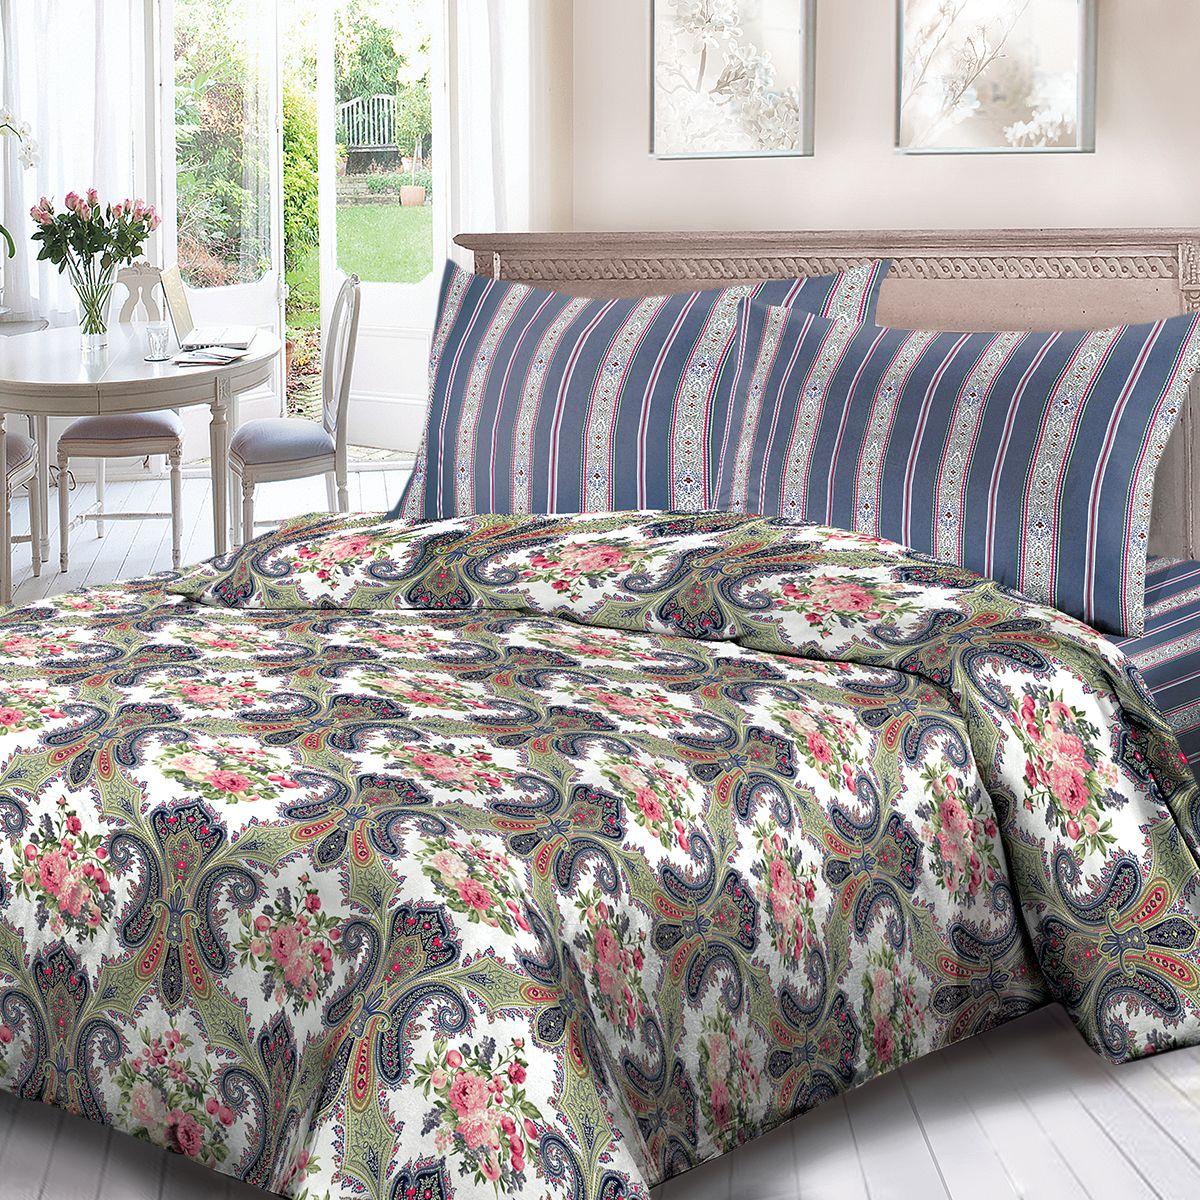 Комплект белья Для Снов Клэр, евро, наволочки 70x70, цвет: синий. 1705-183760